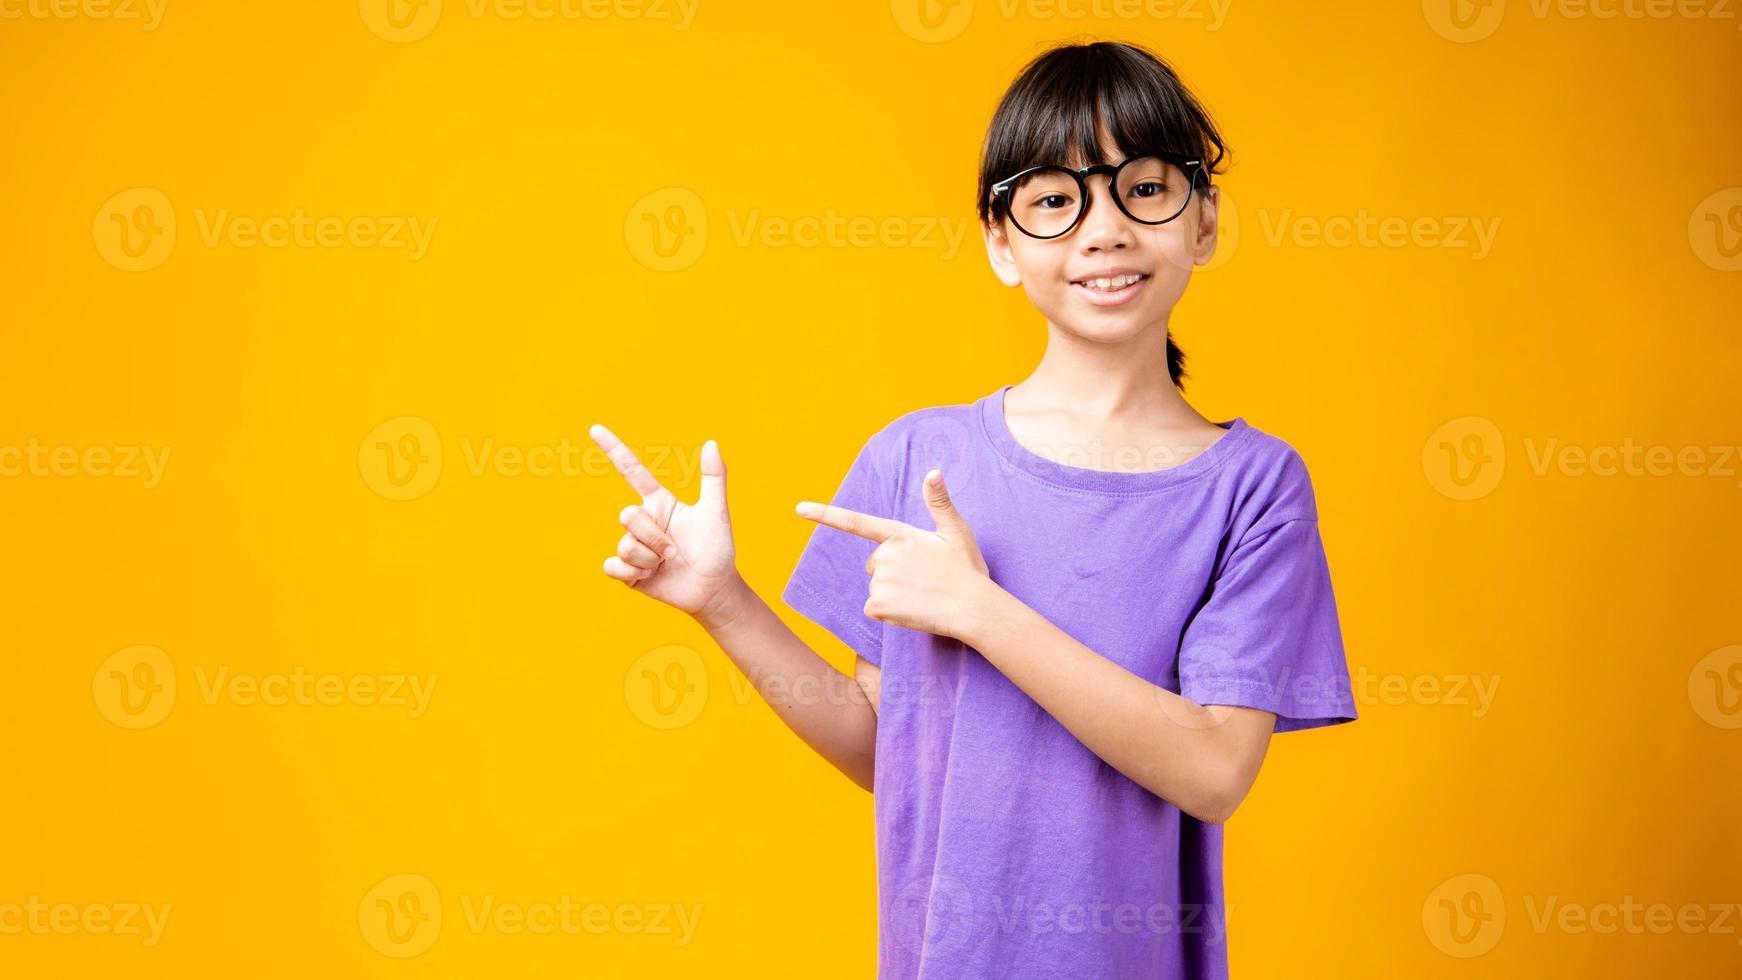 jovem garota asiática de camisa roxa e óculos apontando para o espaço da cópia no estúdio com fundo amarelo foto